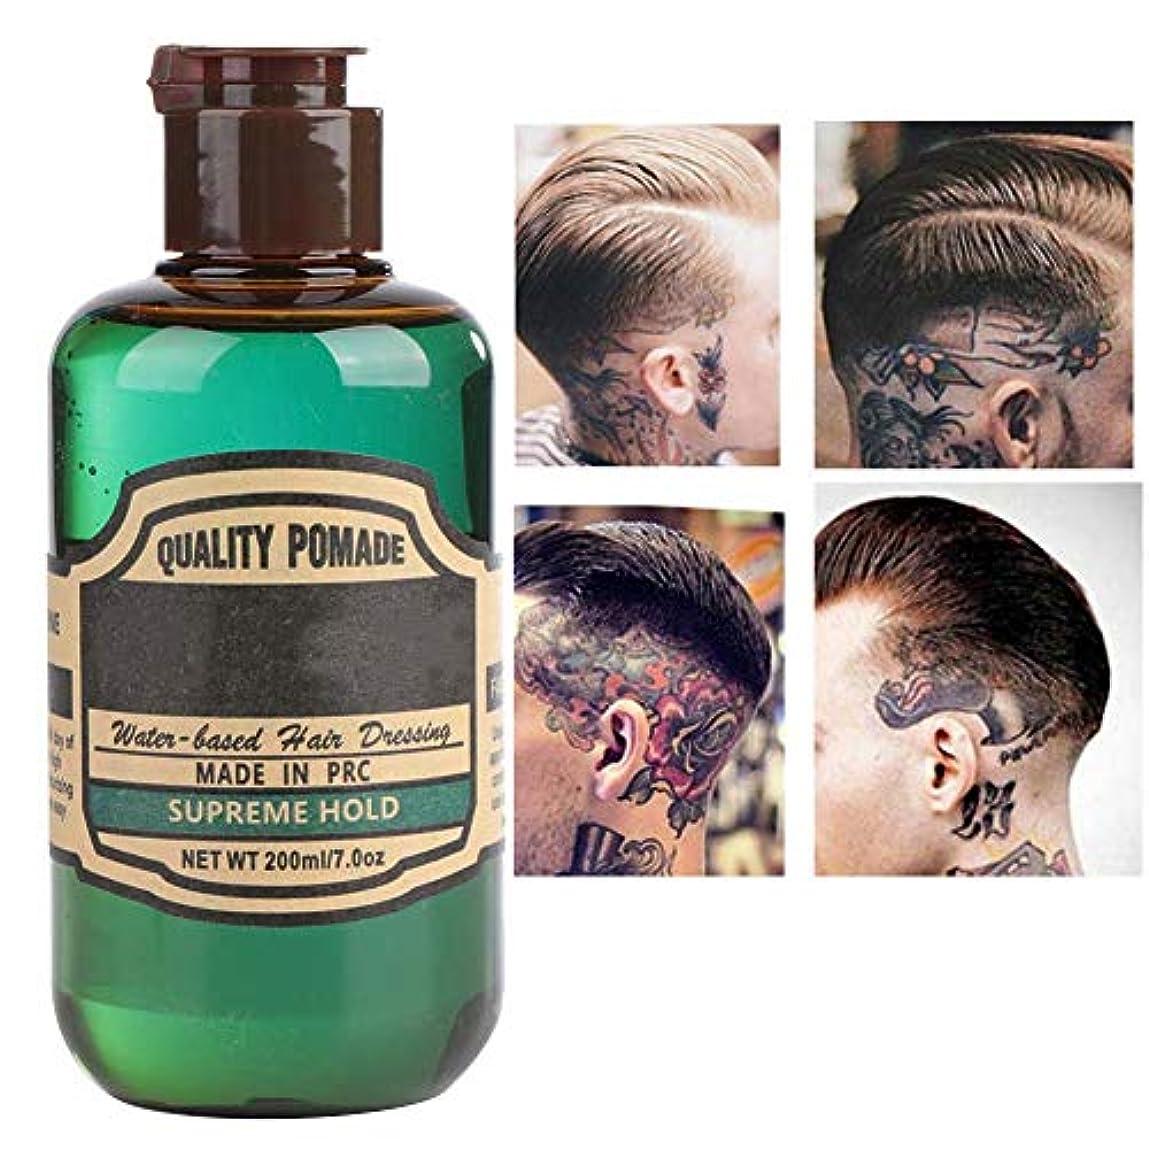 カリキュラム禁止する湿ったヘアスタイリングジェル 200ml 強力 ポマードロングラスティング ヘアスタイルジェルヘアモデルジェル